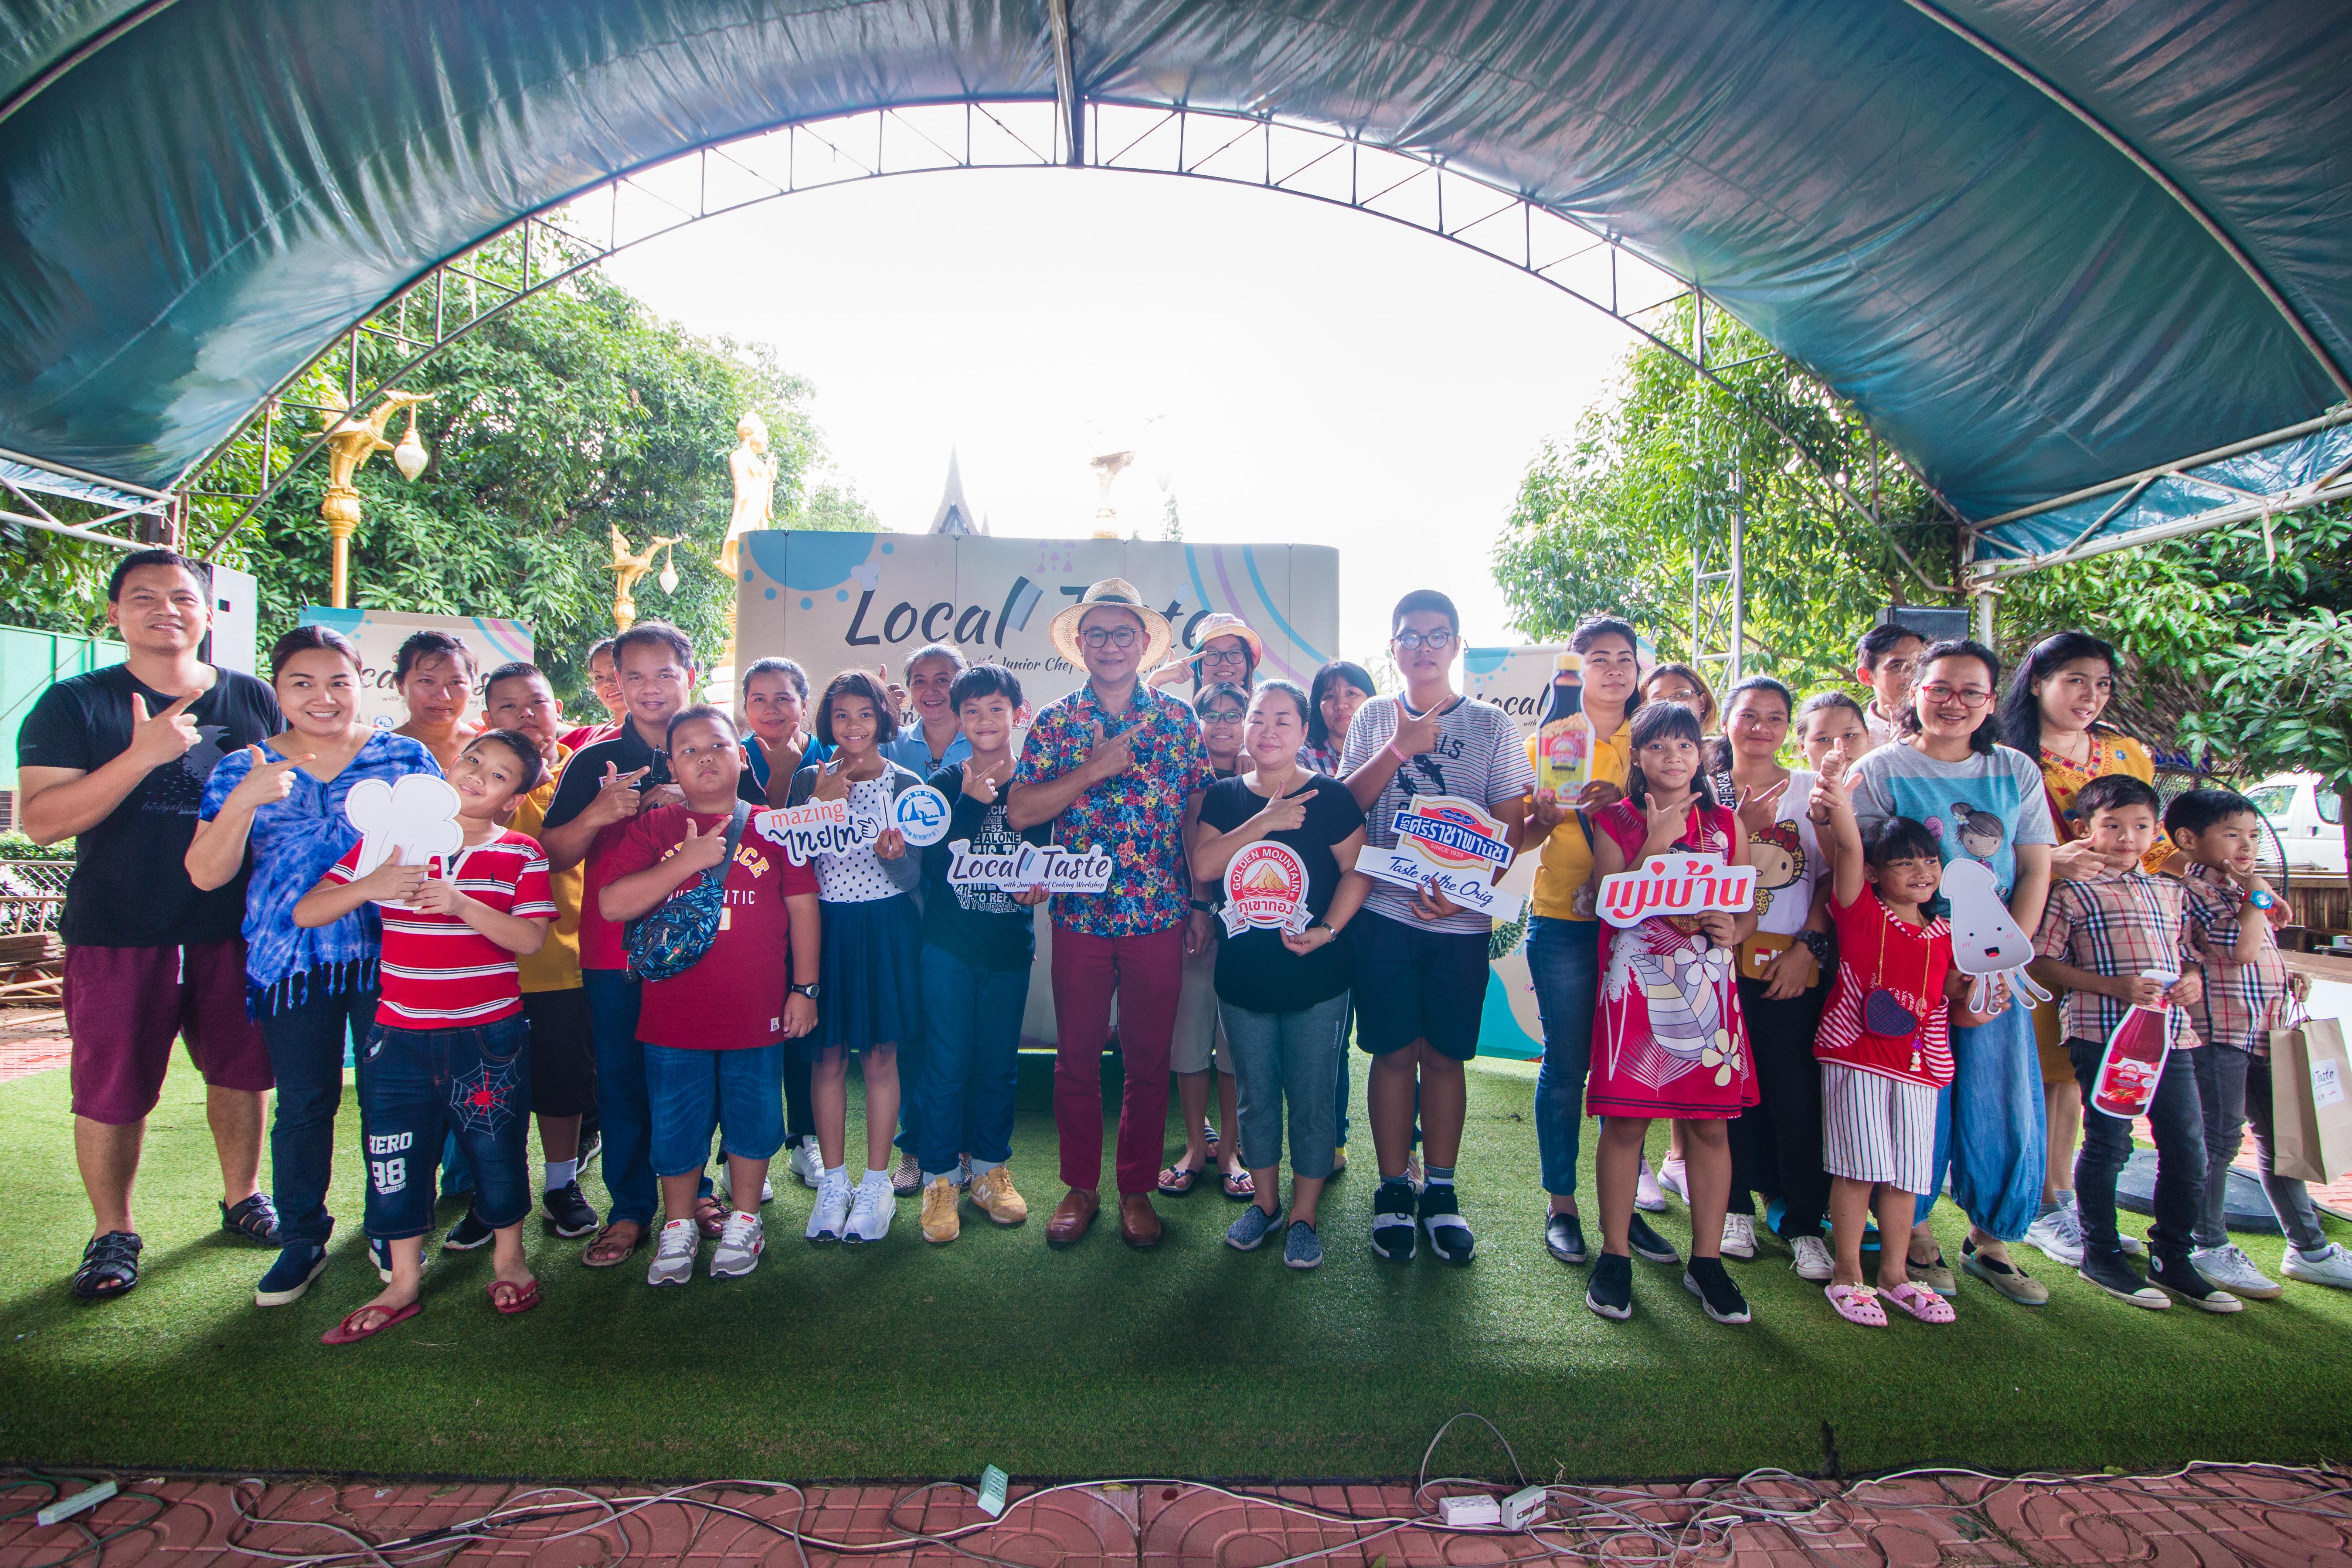 """""""A Day Trip by ซอสภูเขาทอง"""" เที่ยวเมืองผลไม้ จังหวัดจันทบุรี ภายใต้โครงการ """"Local Taste with Junior Chef Cooking Workshop"""" (อาทิตย์ ที่ 30 มิถุนายน 2562)"""